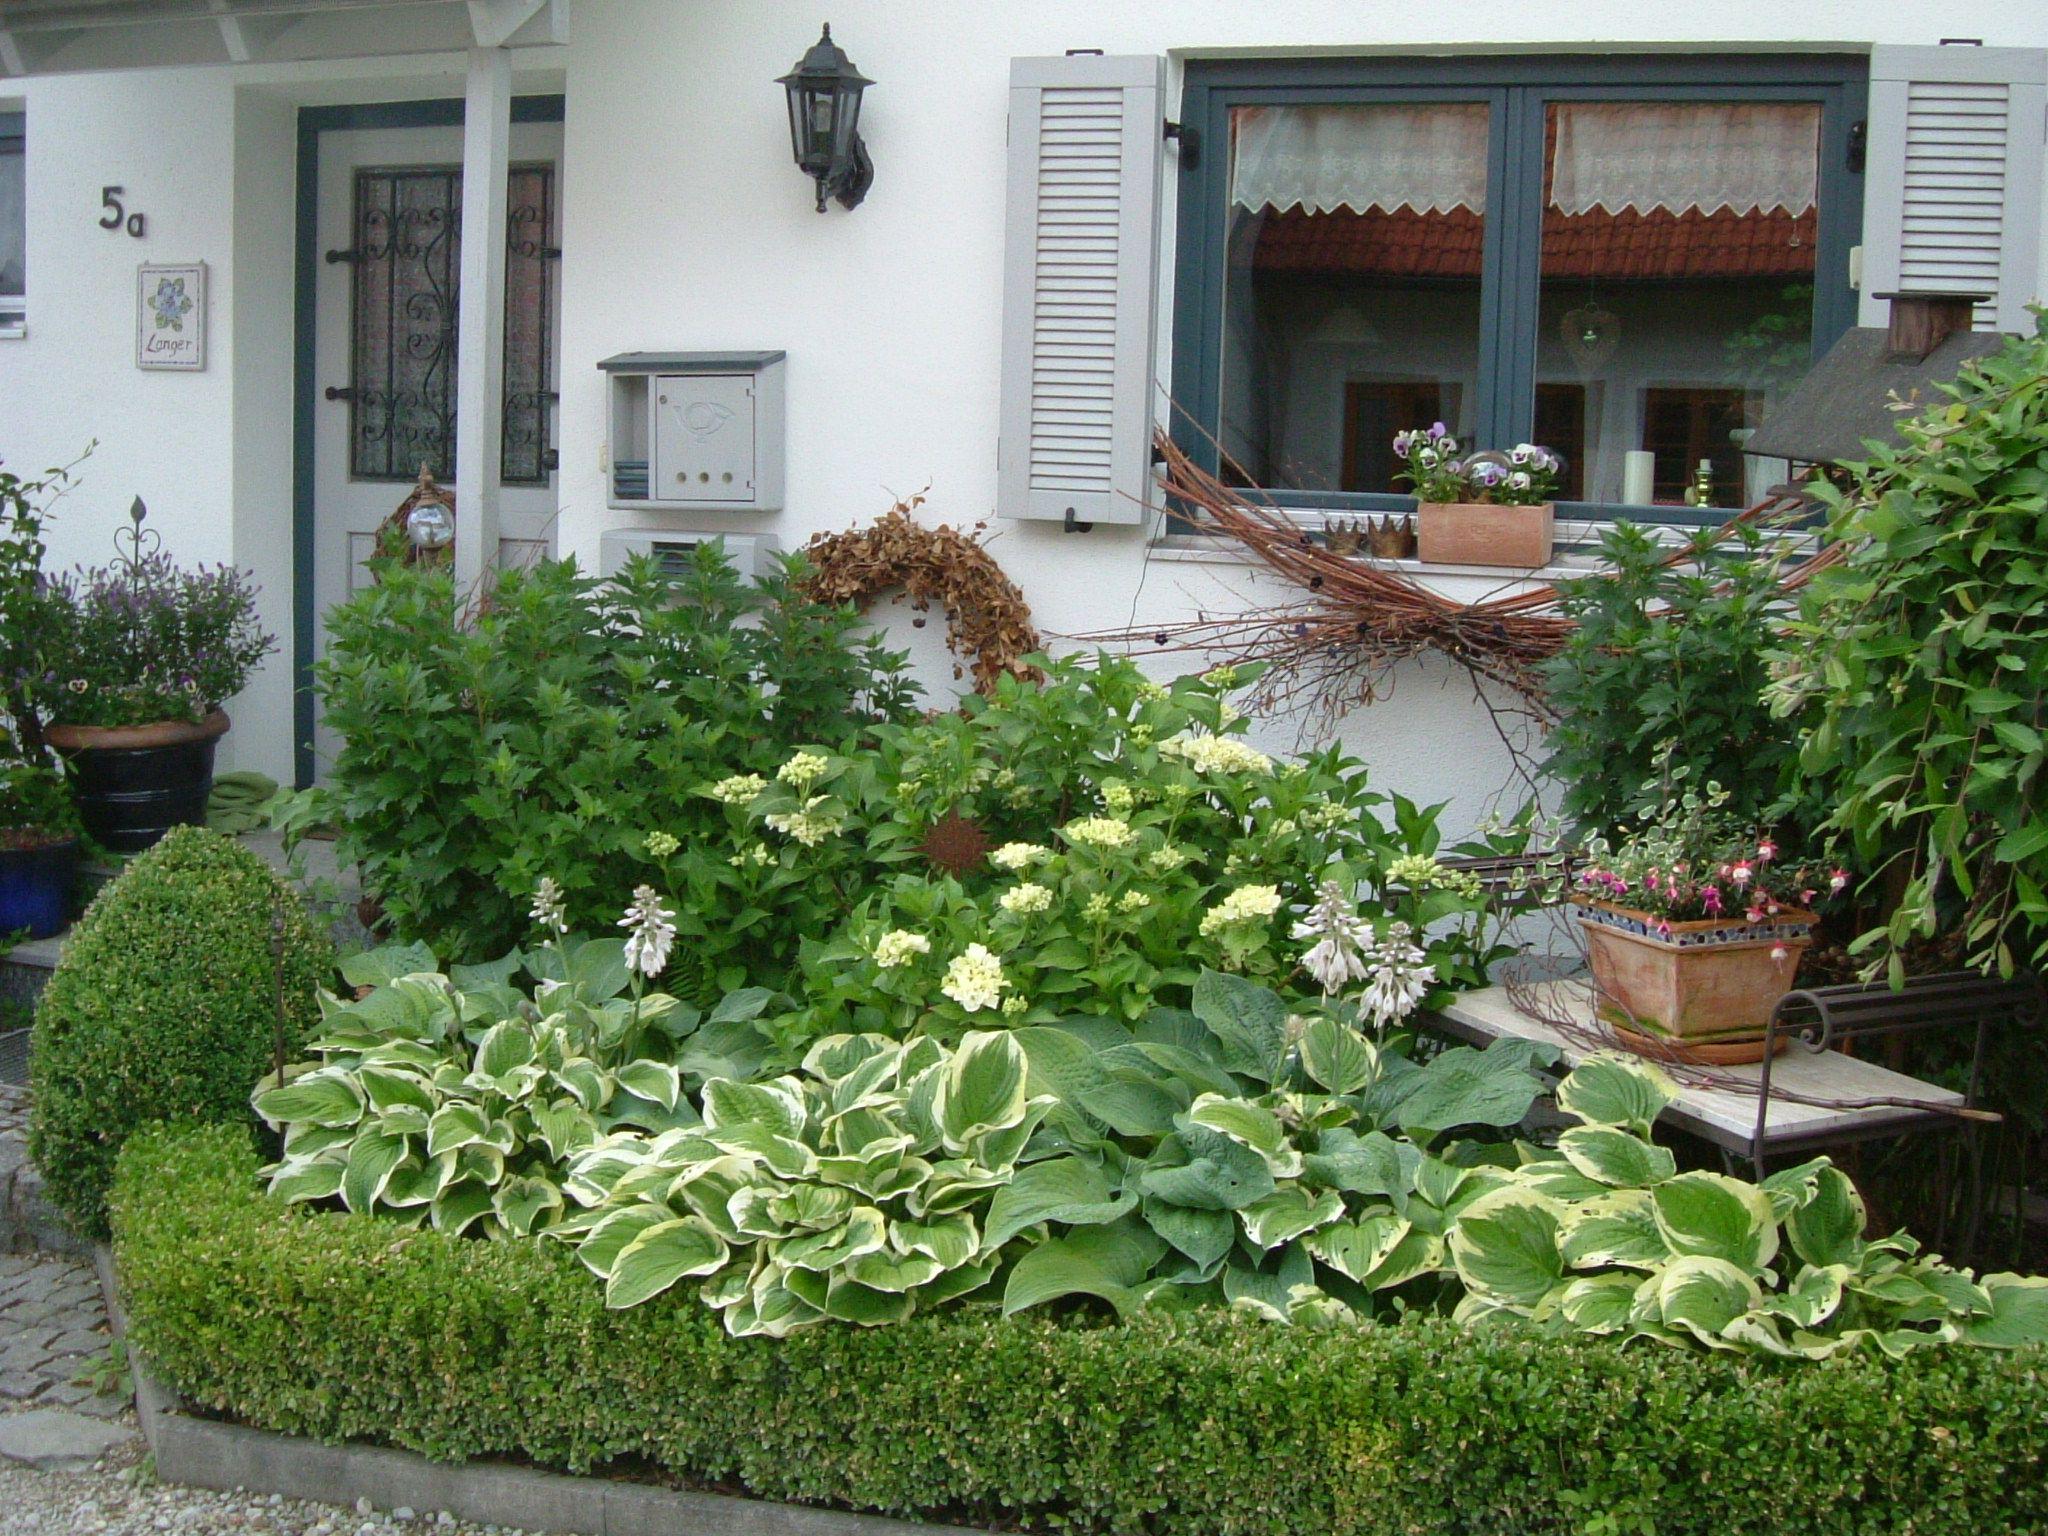 Willkommen Im Vorgarten Vorgarten Garten Ideen Gestaltung Vorgarten Wohnen Und Garten